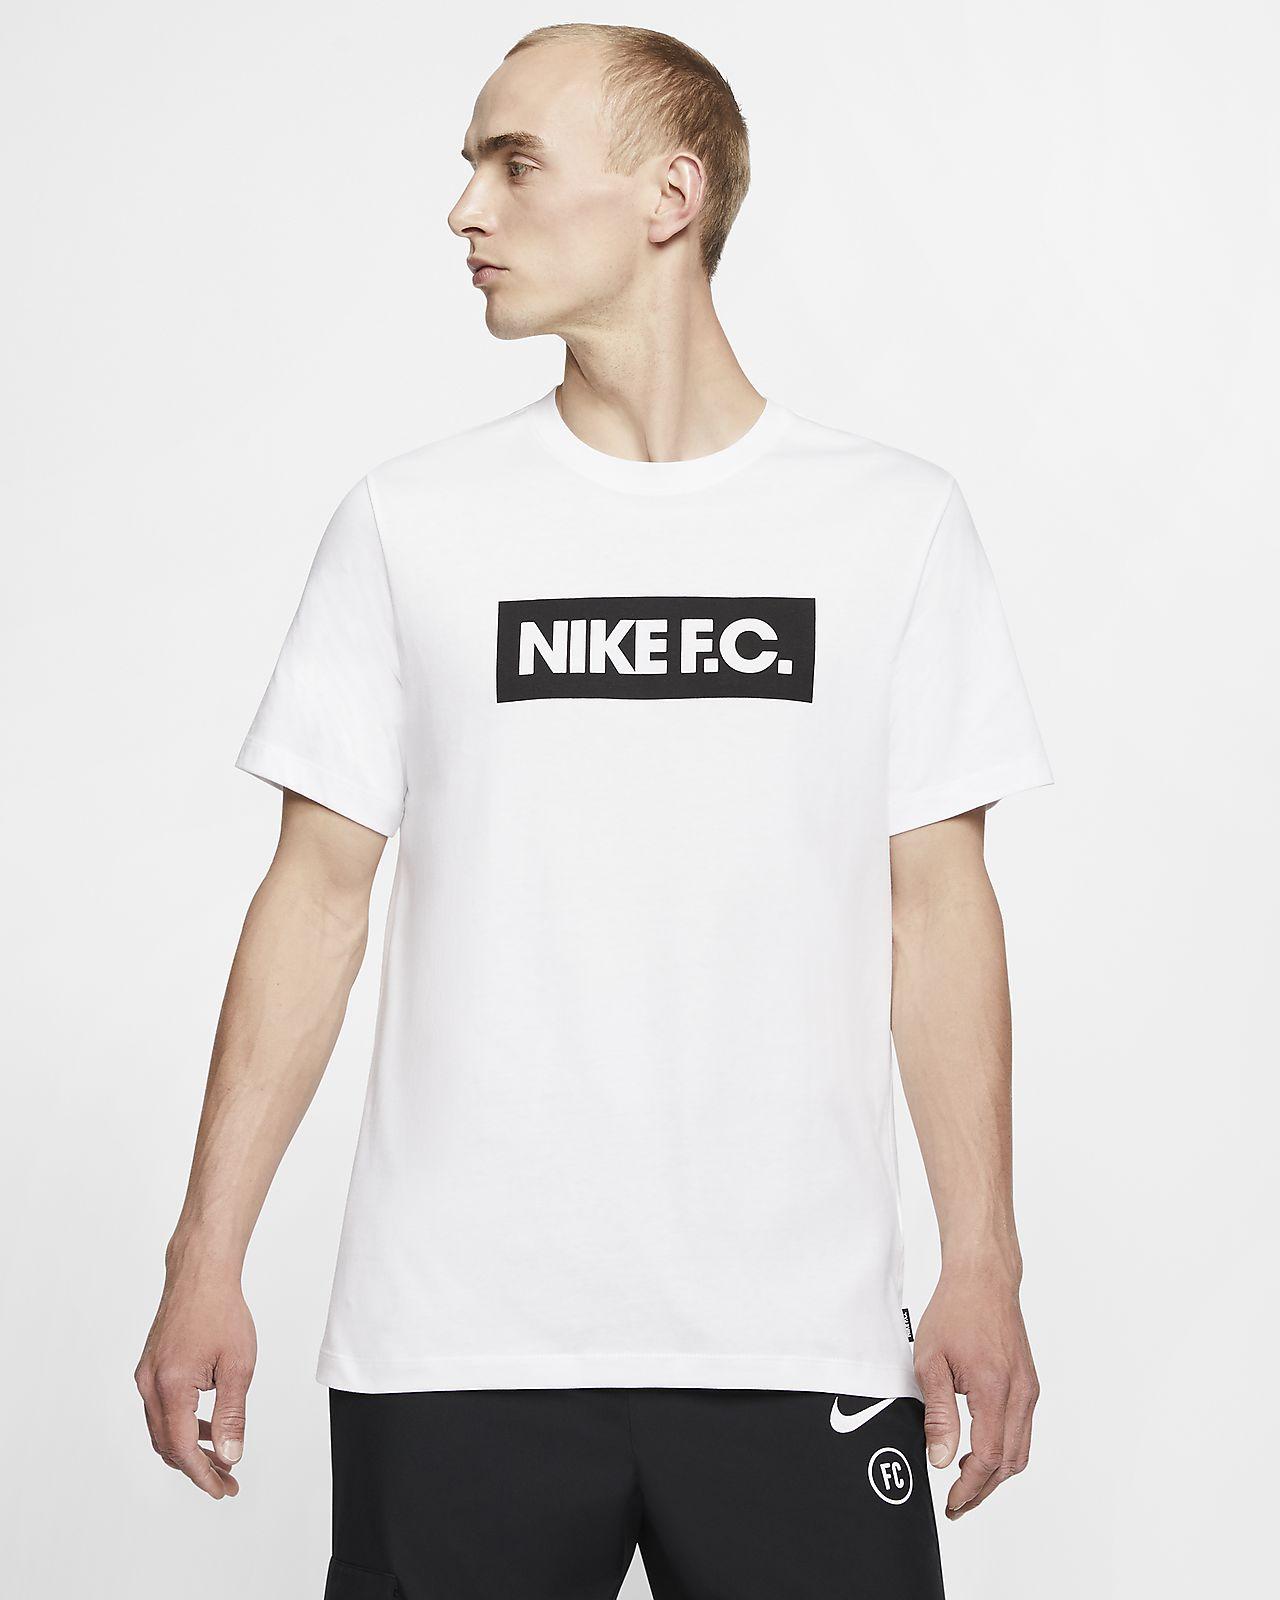 Nike F.C. SE11 Fußball-T-Shirt für Herren